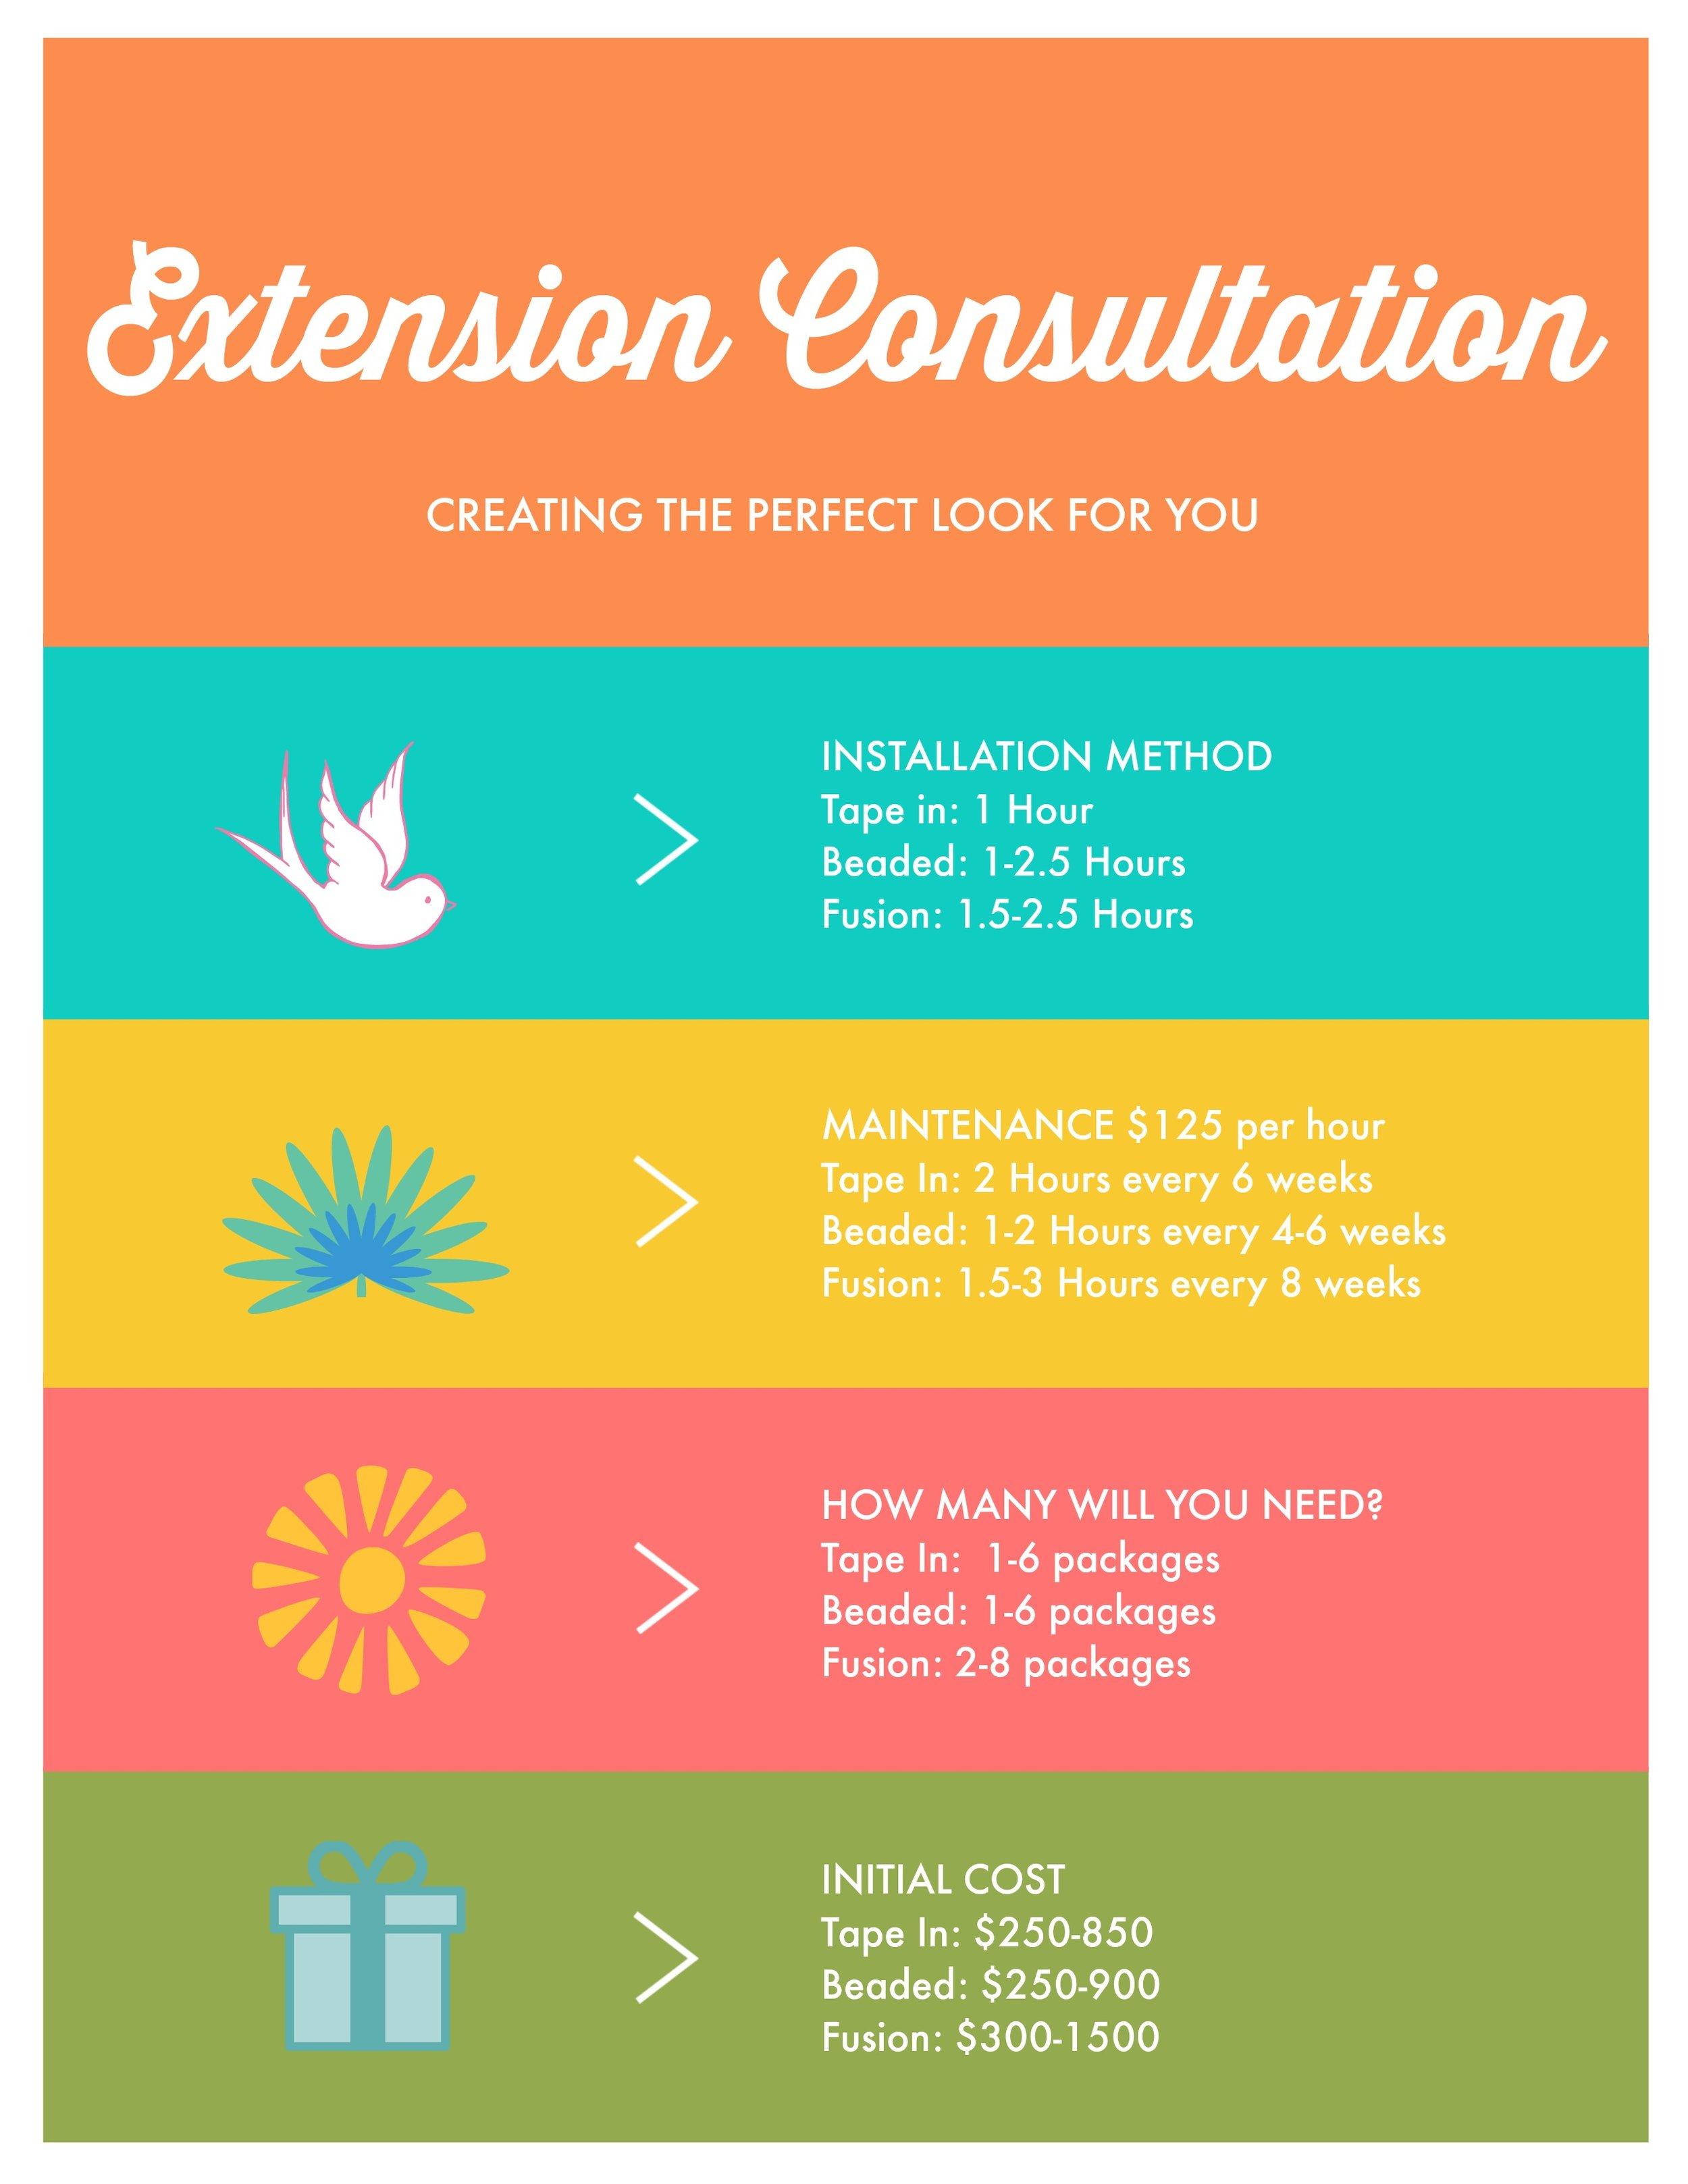 EXTENSION CONSULTATION.jpg